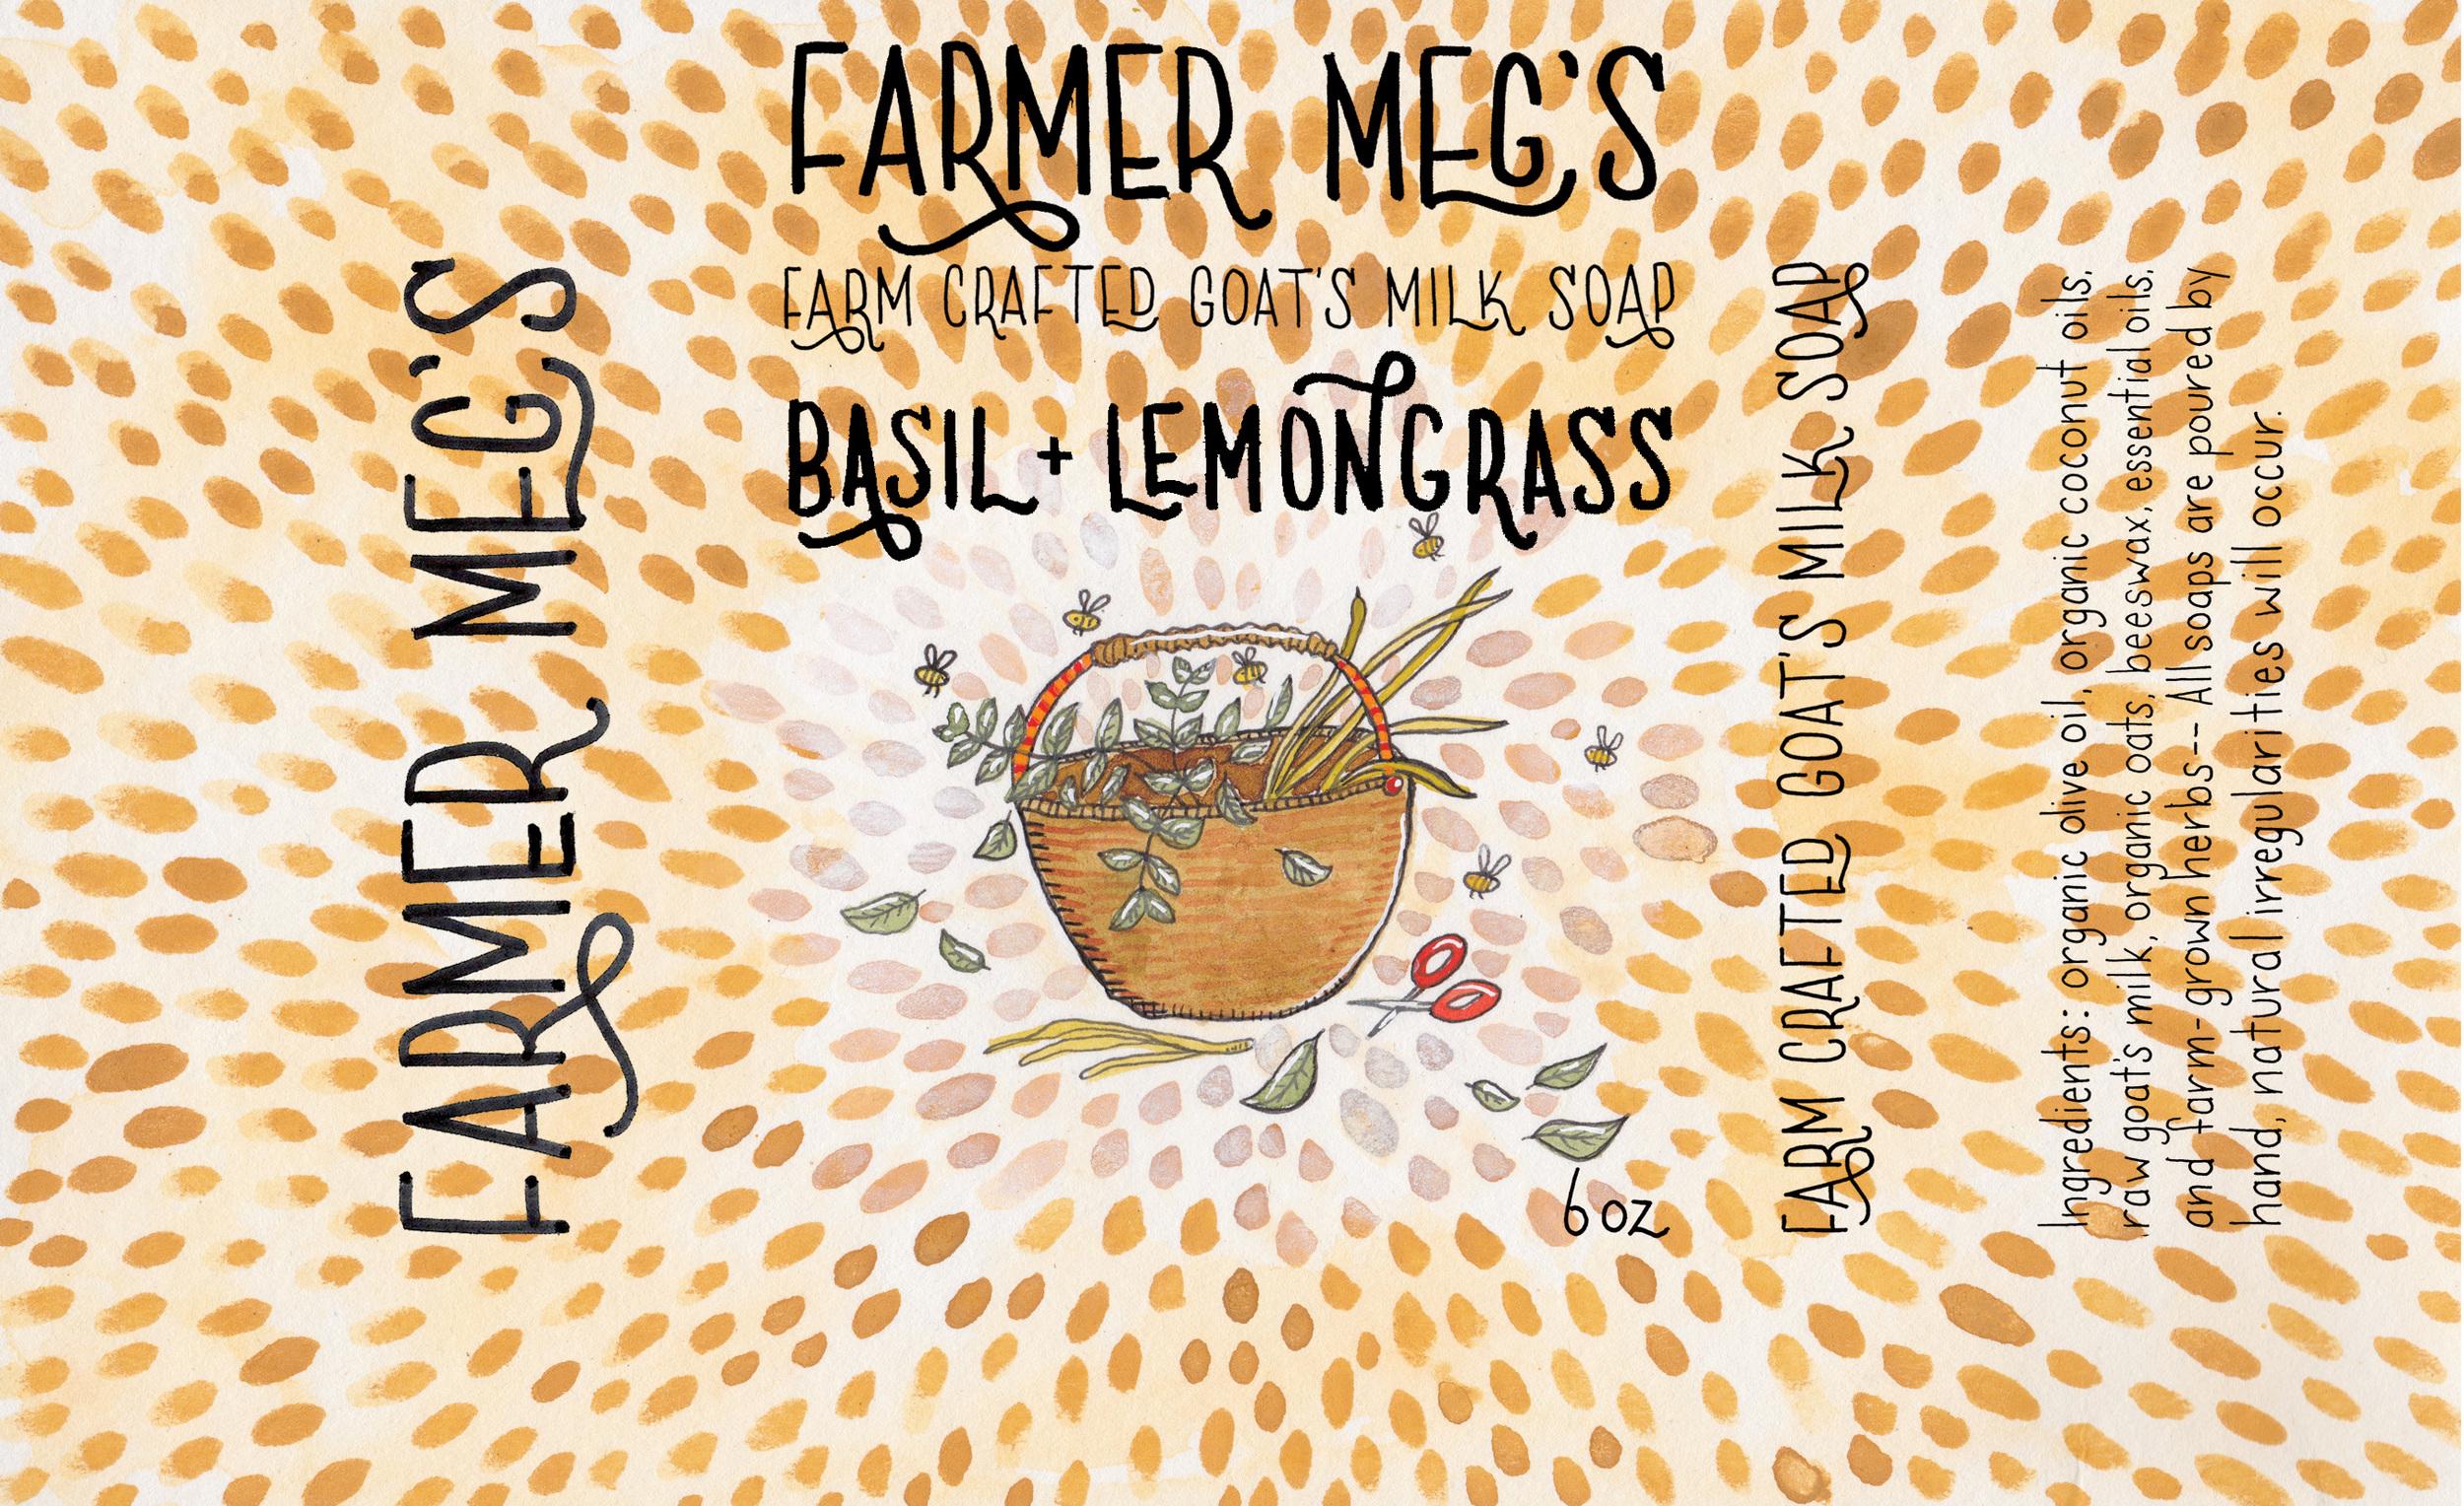 basil lemongrass soap.jpg